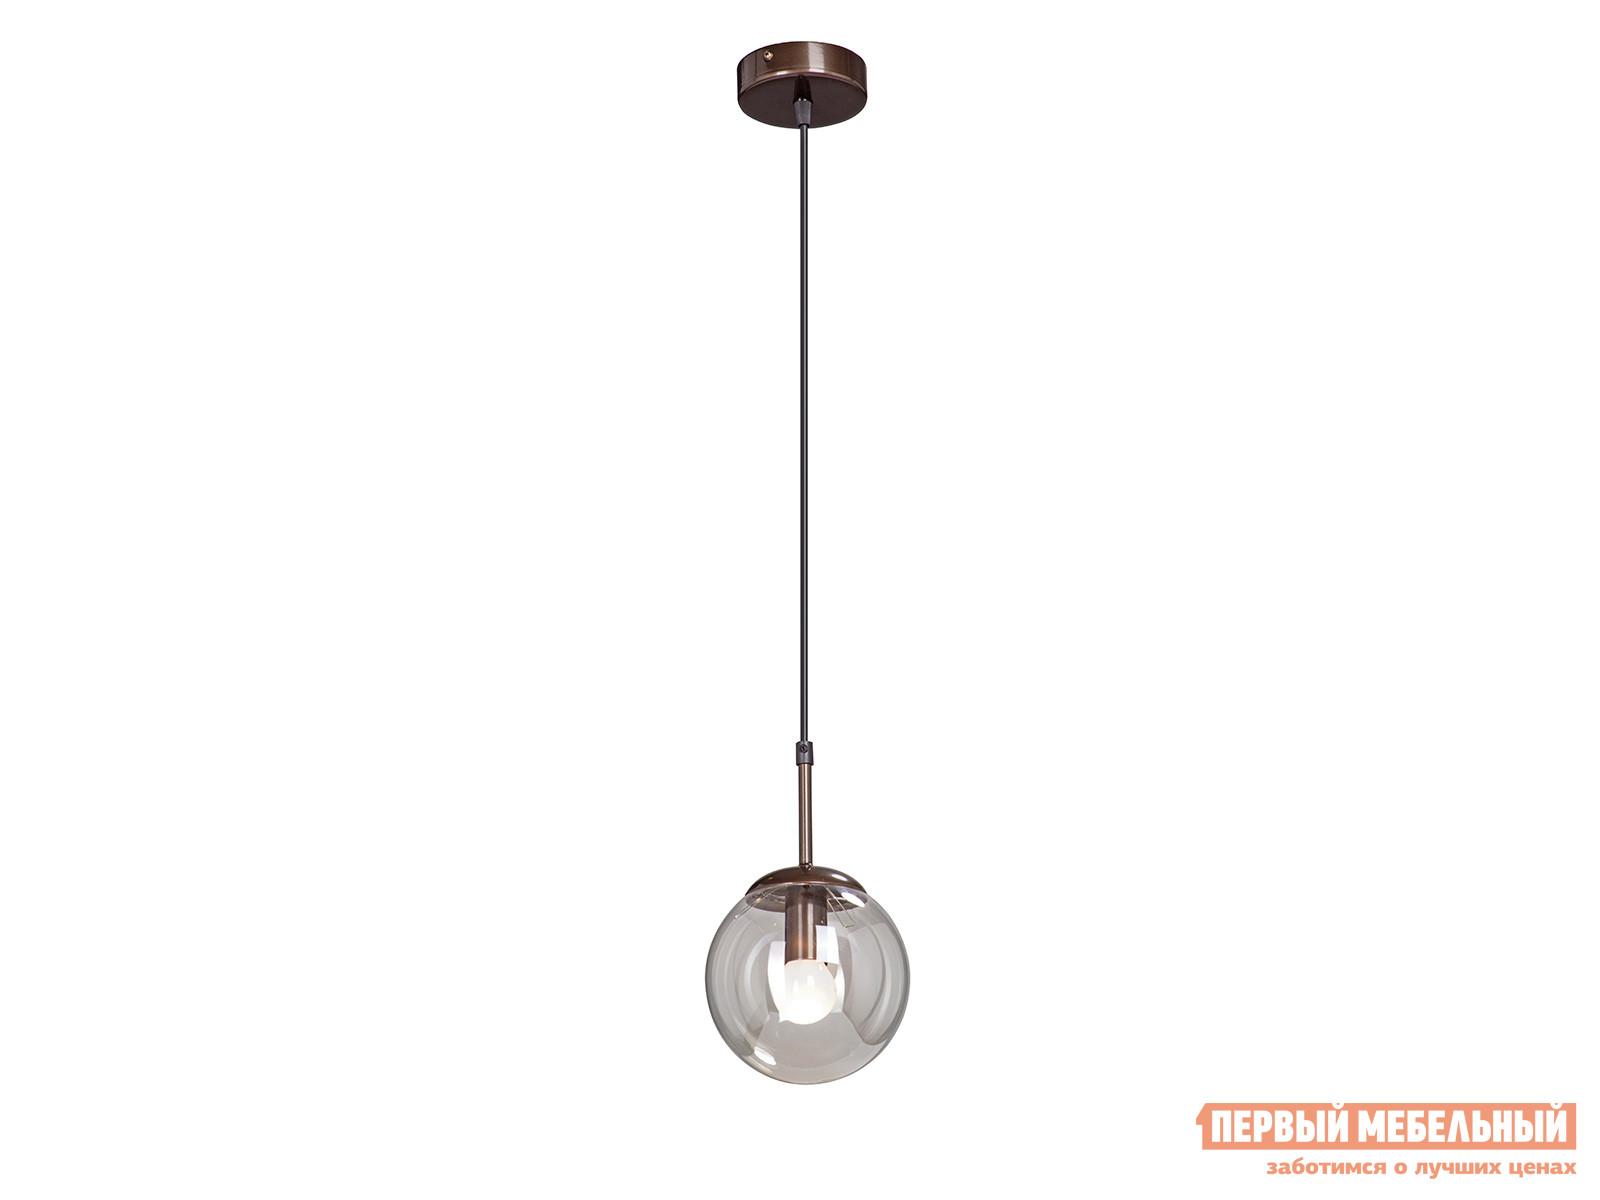 Подвесной светильник КСК-электро Люстра V4872-7/1S, V4872-8/1S